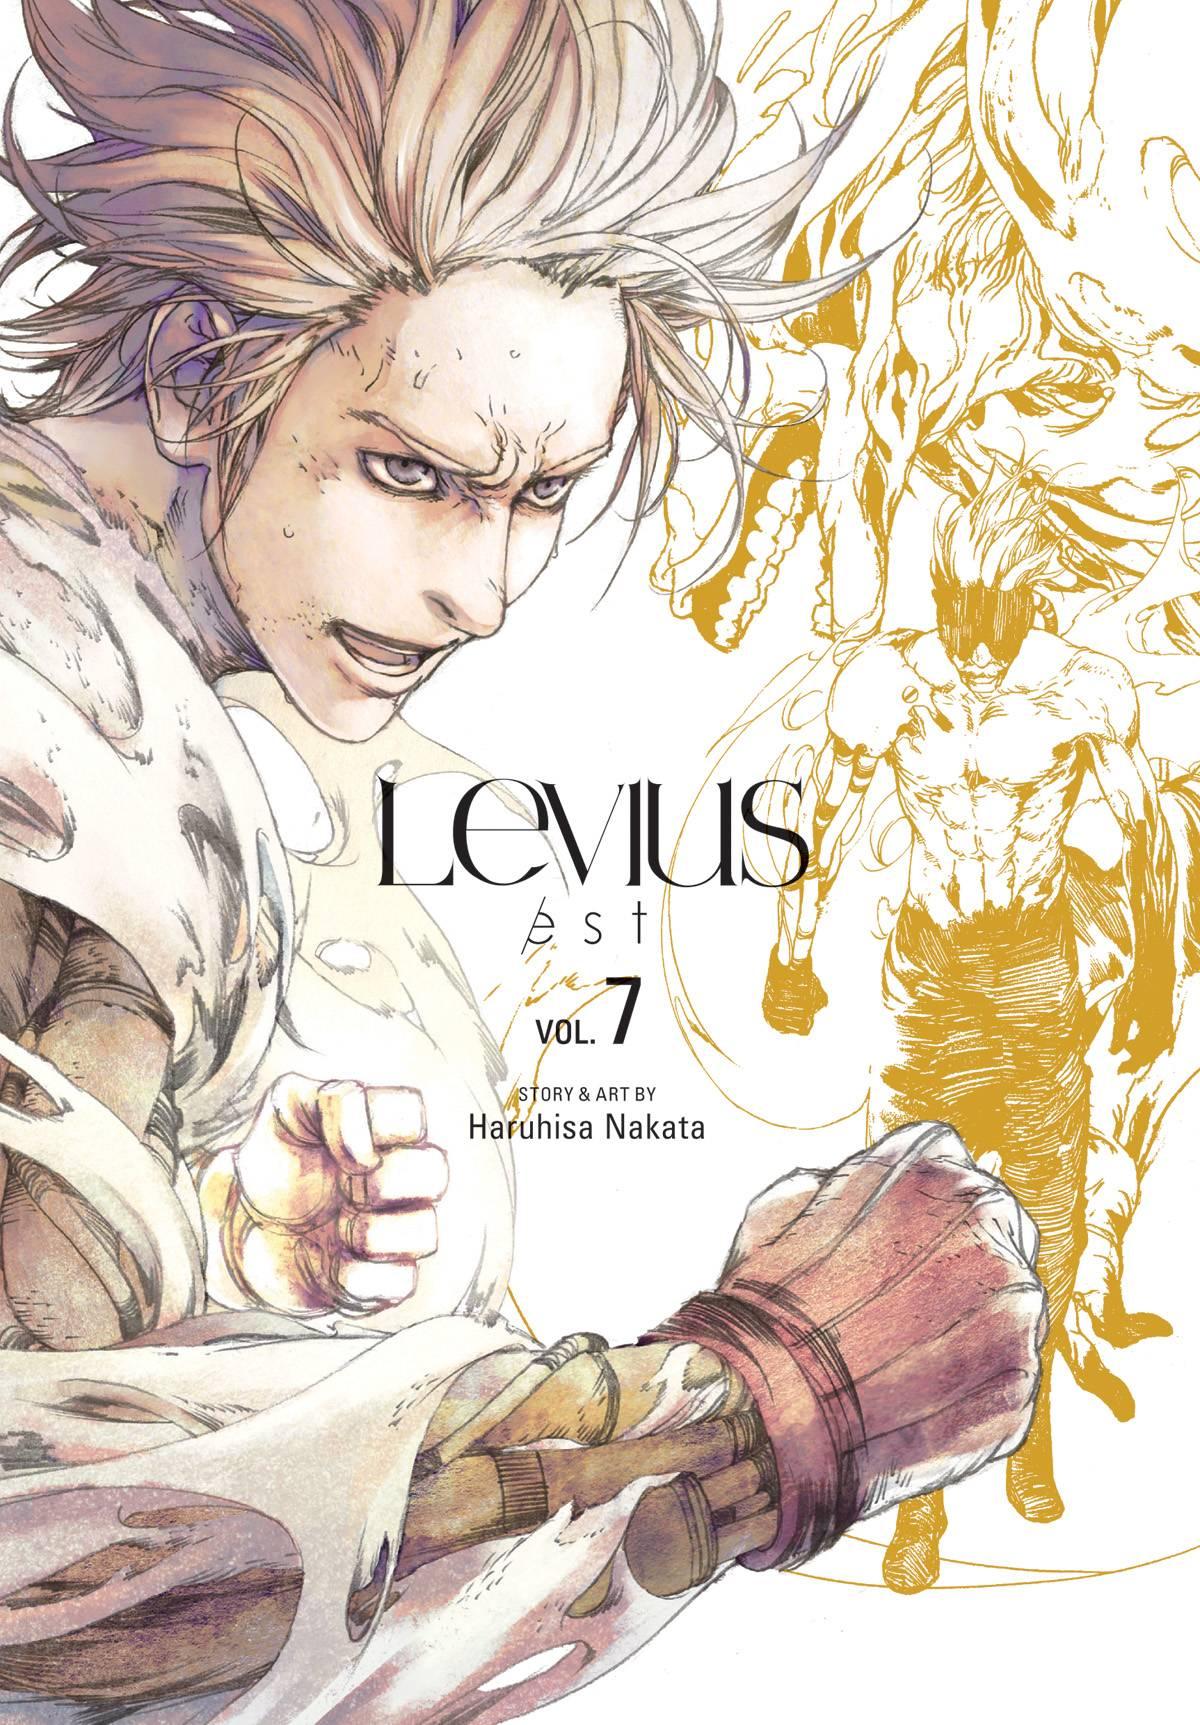 LEVIUS EST GN 07